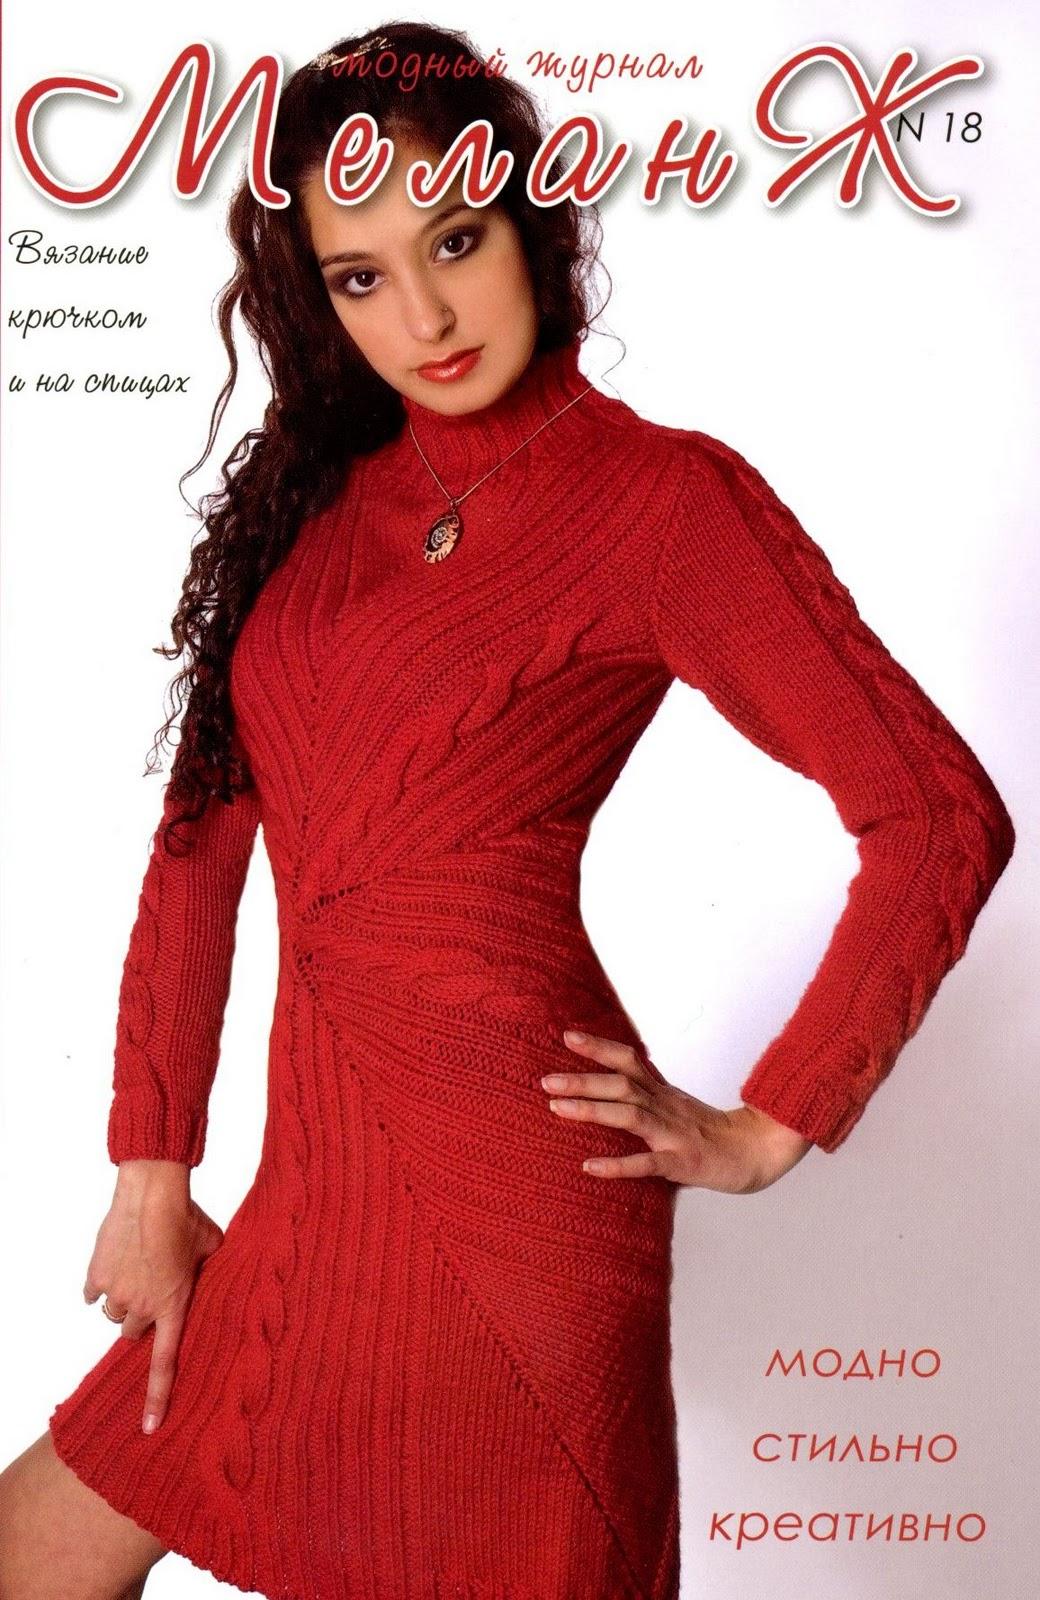 теплое платье спицами со схемой и описанием